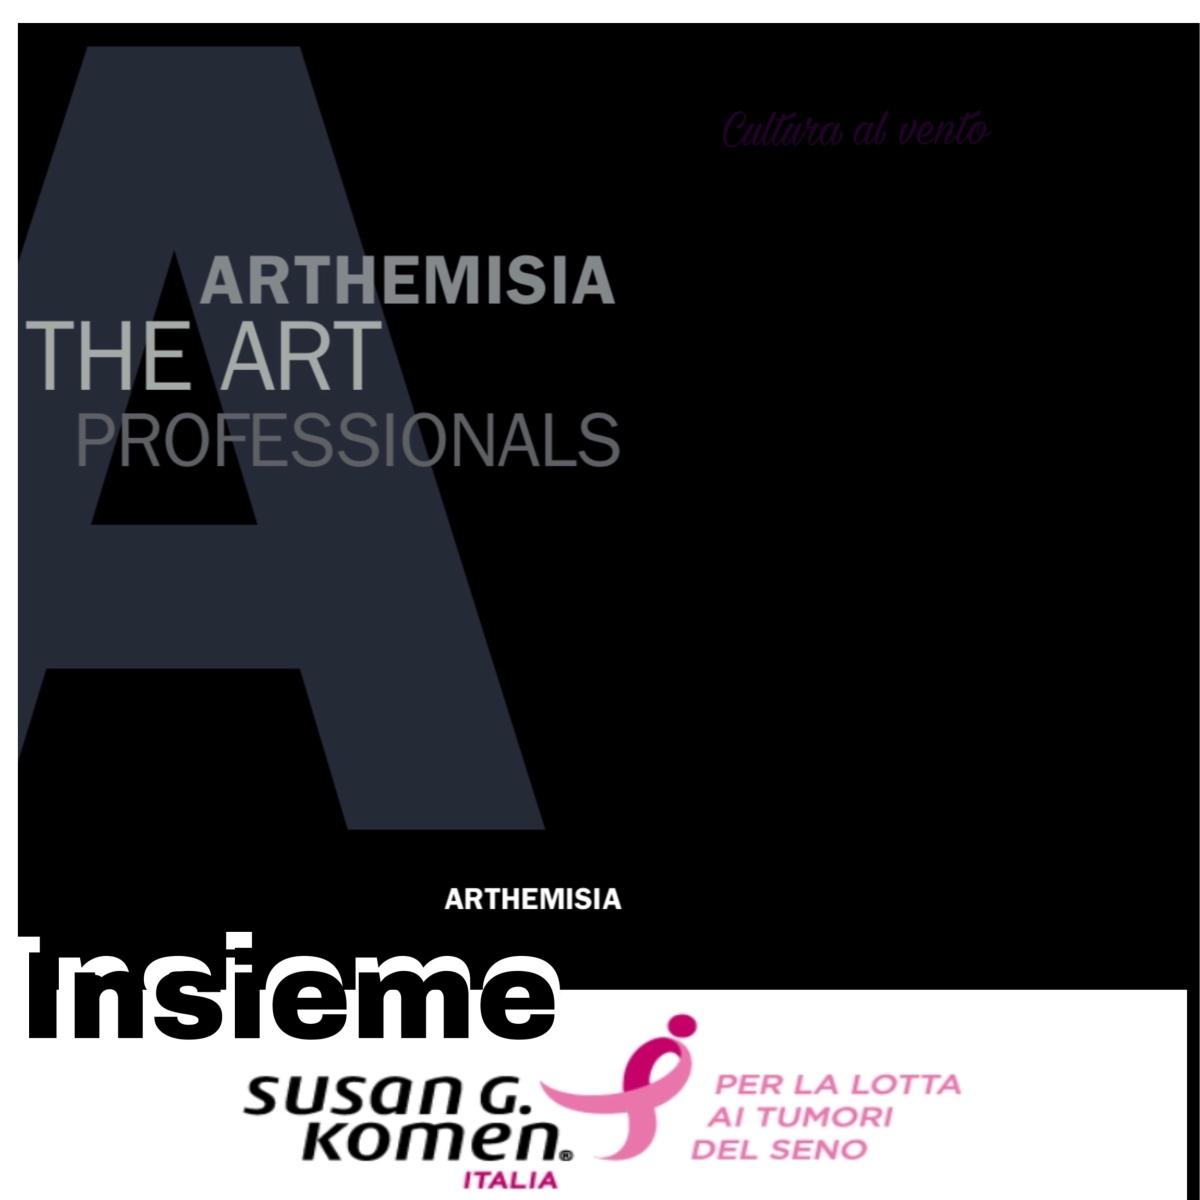 La lotta contro i tumori al seno si fa strada anchenell'arte